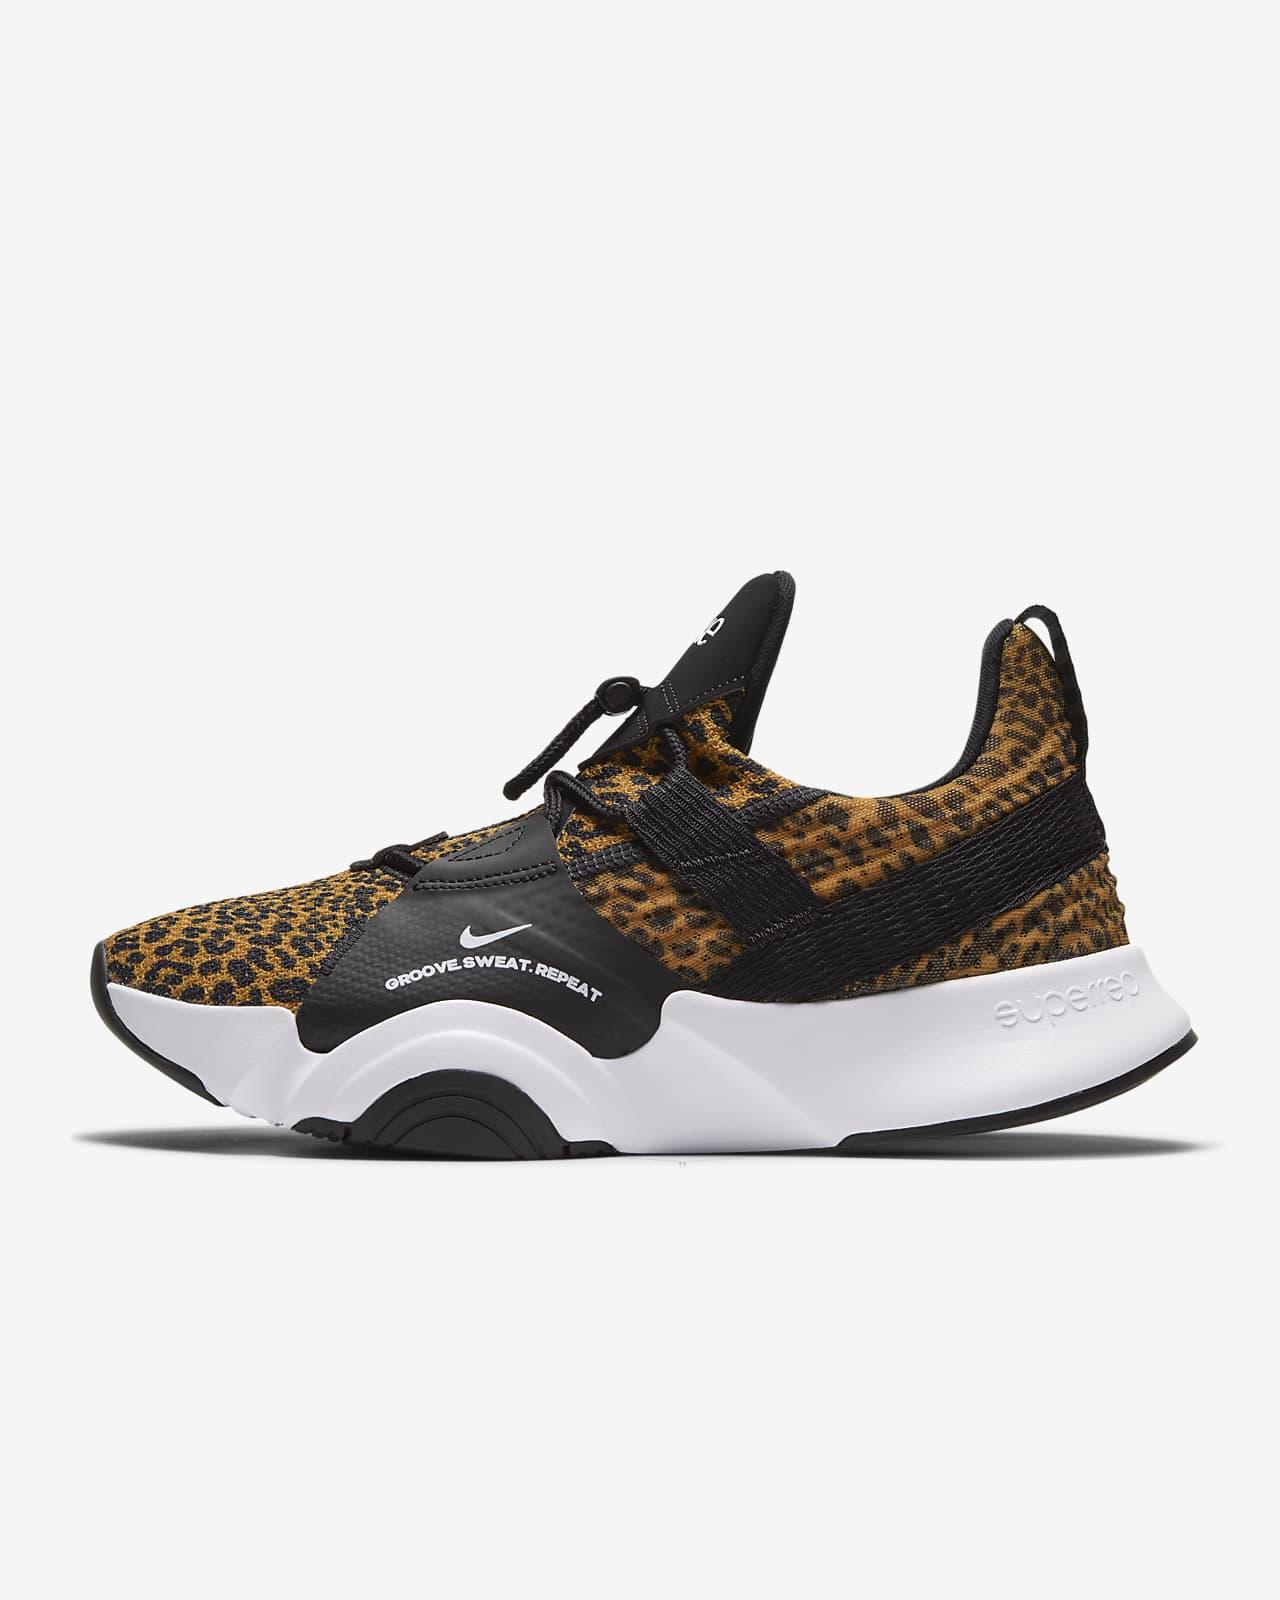 nike women's aerobic shoes